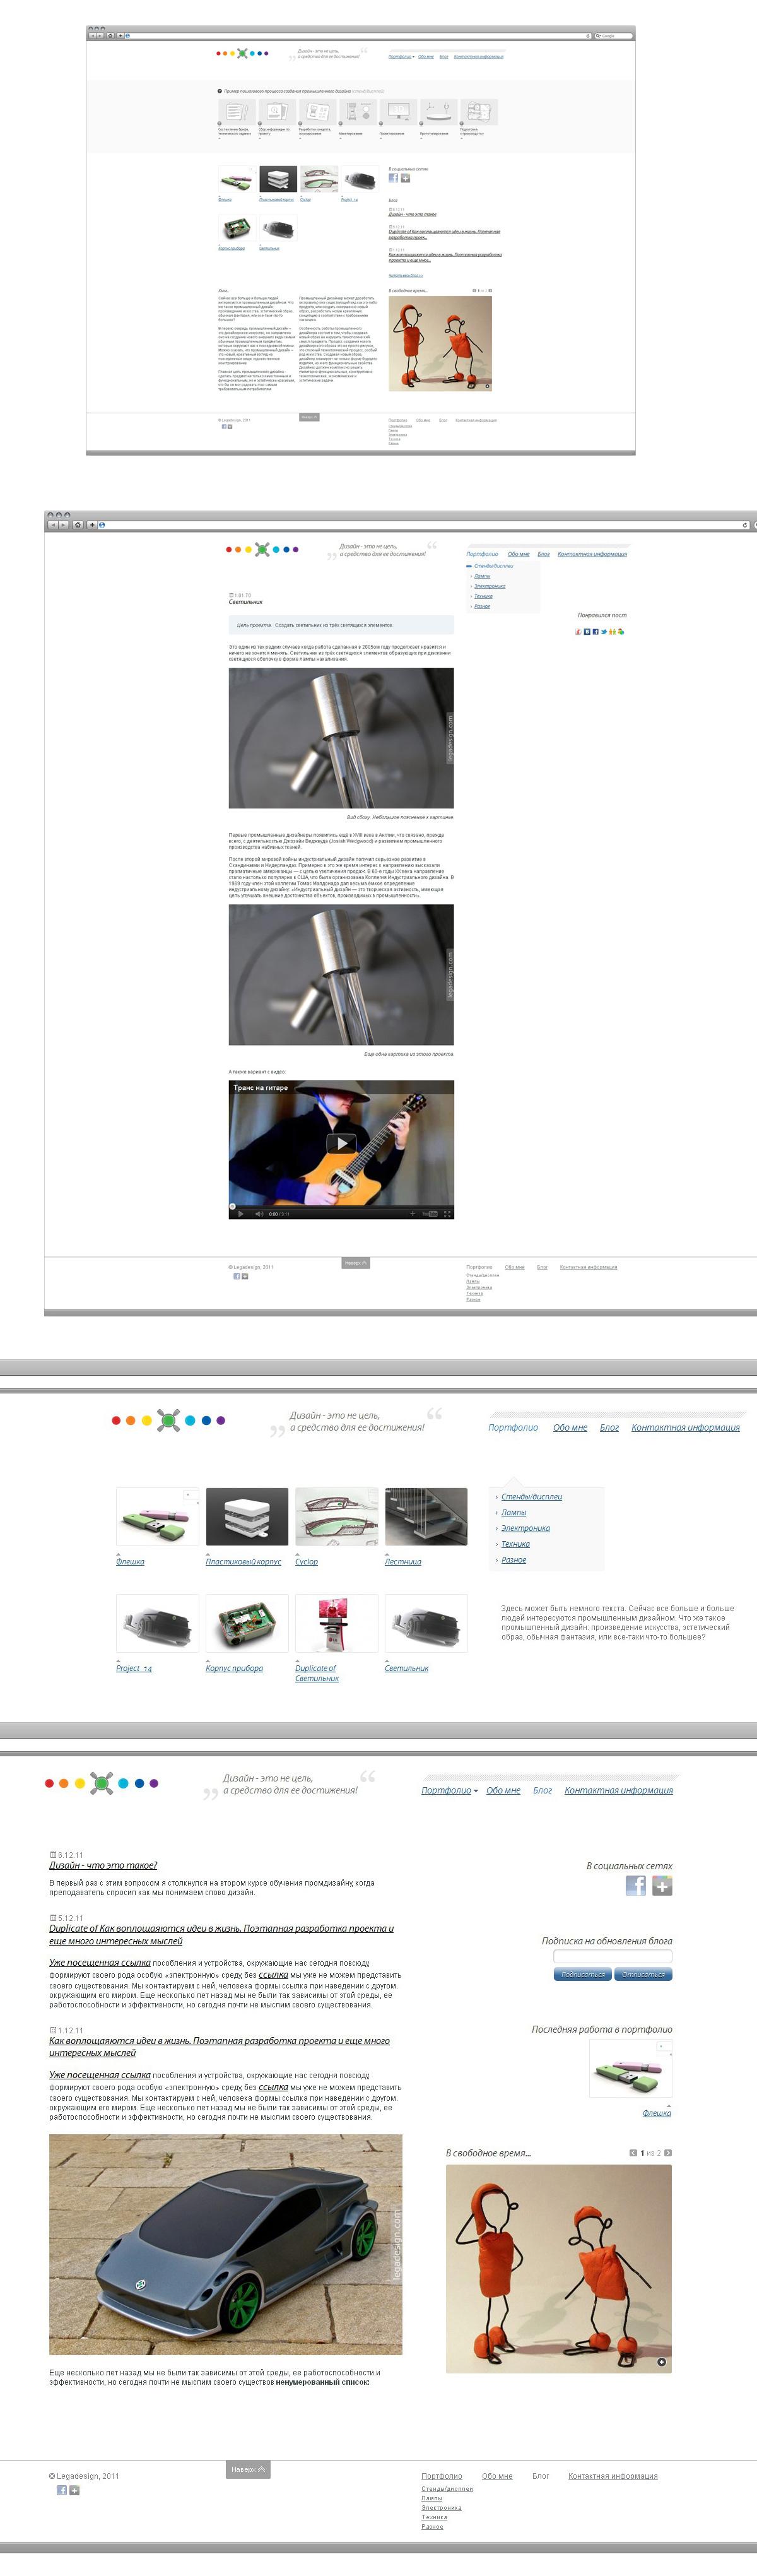 legadesign.com MODx